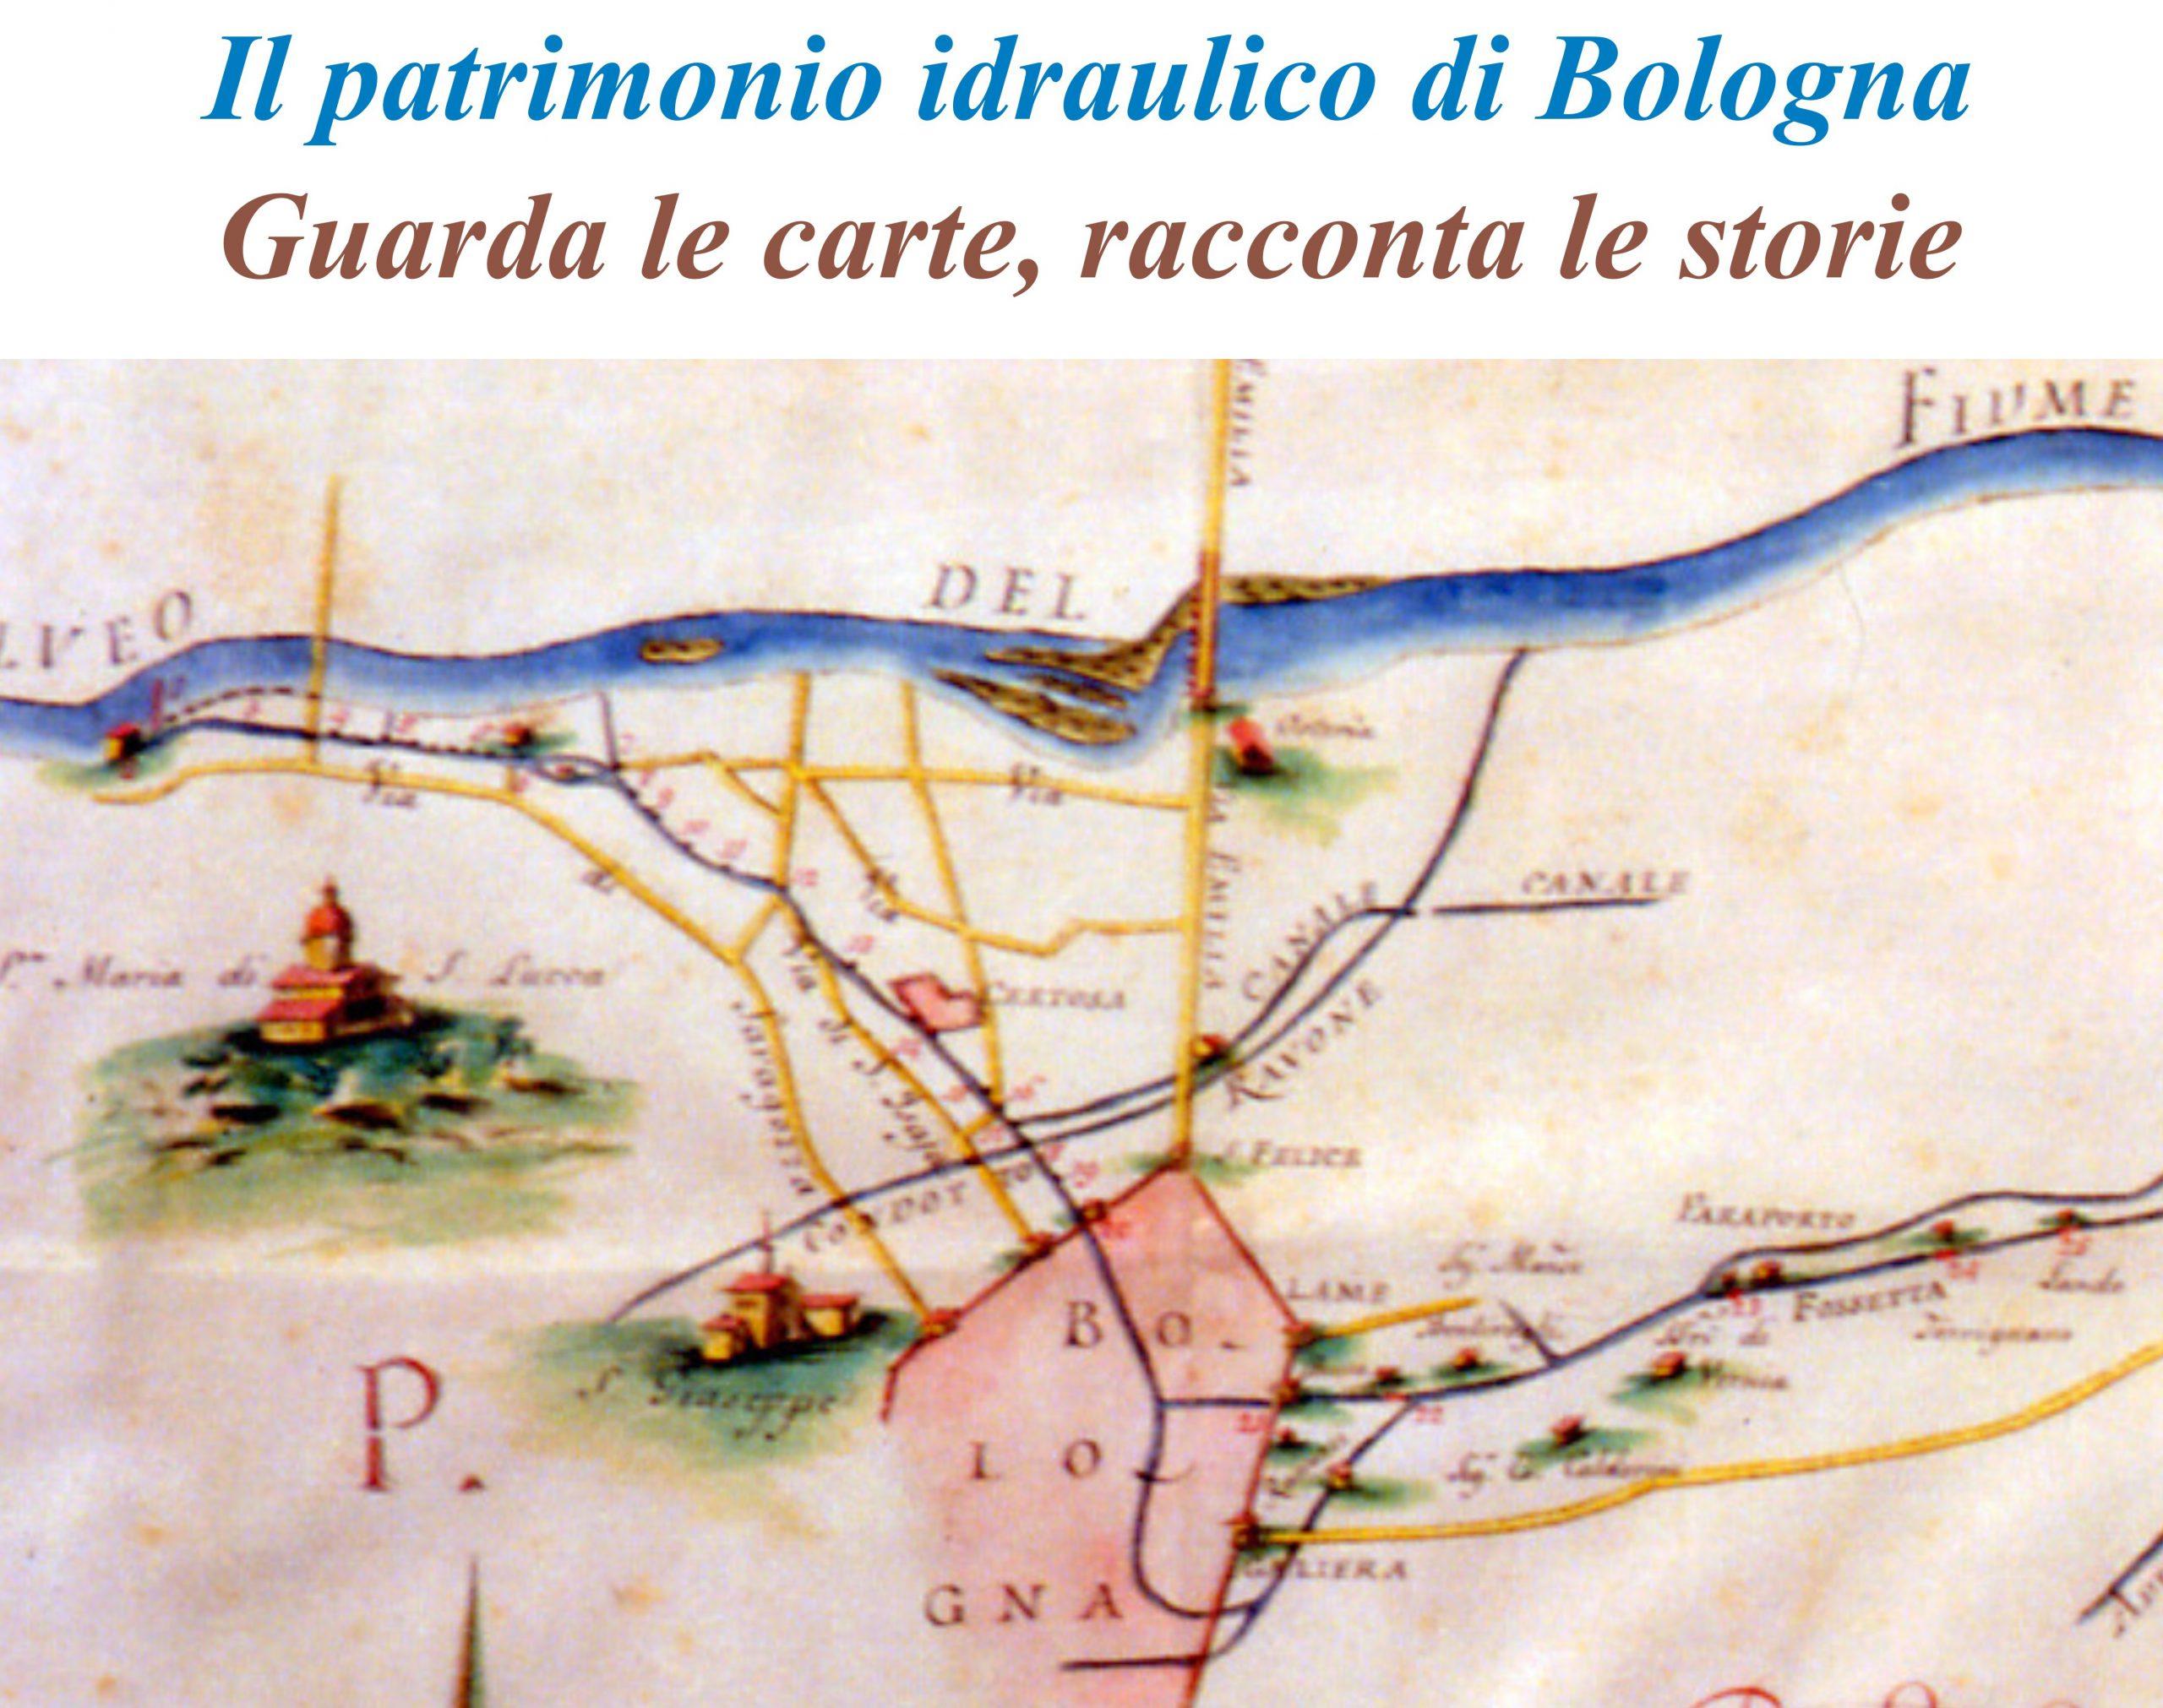 Il patrimonio idraulico di Bologna